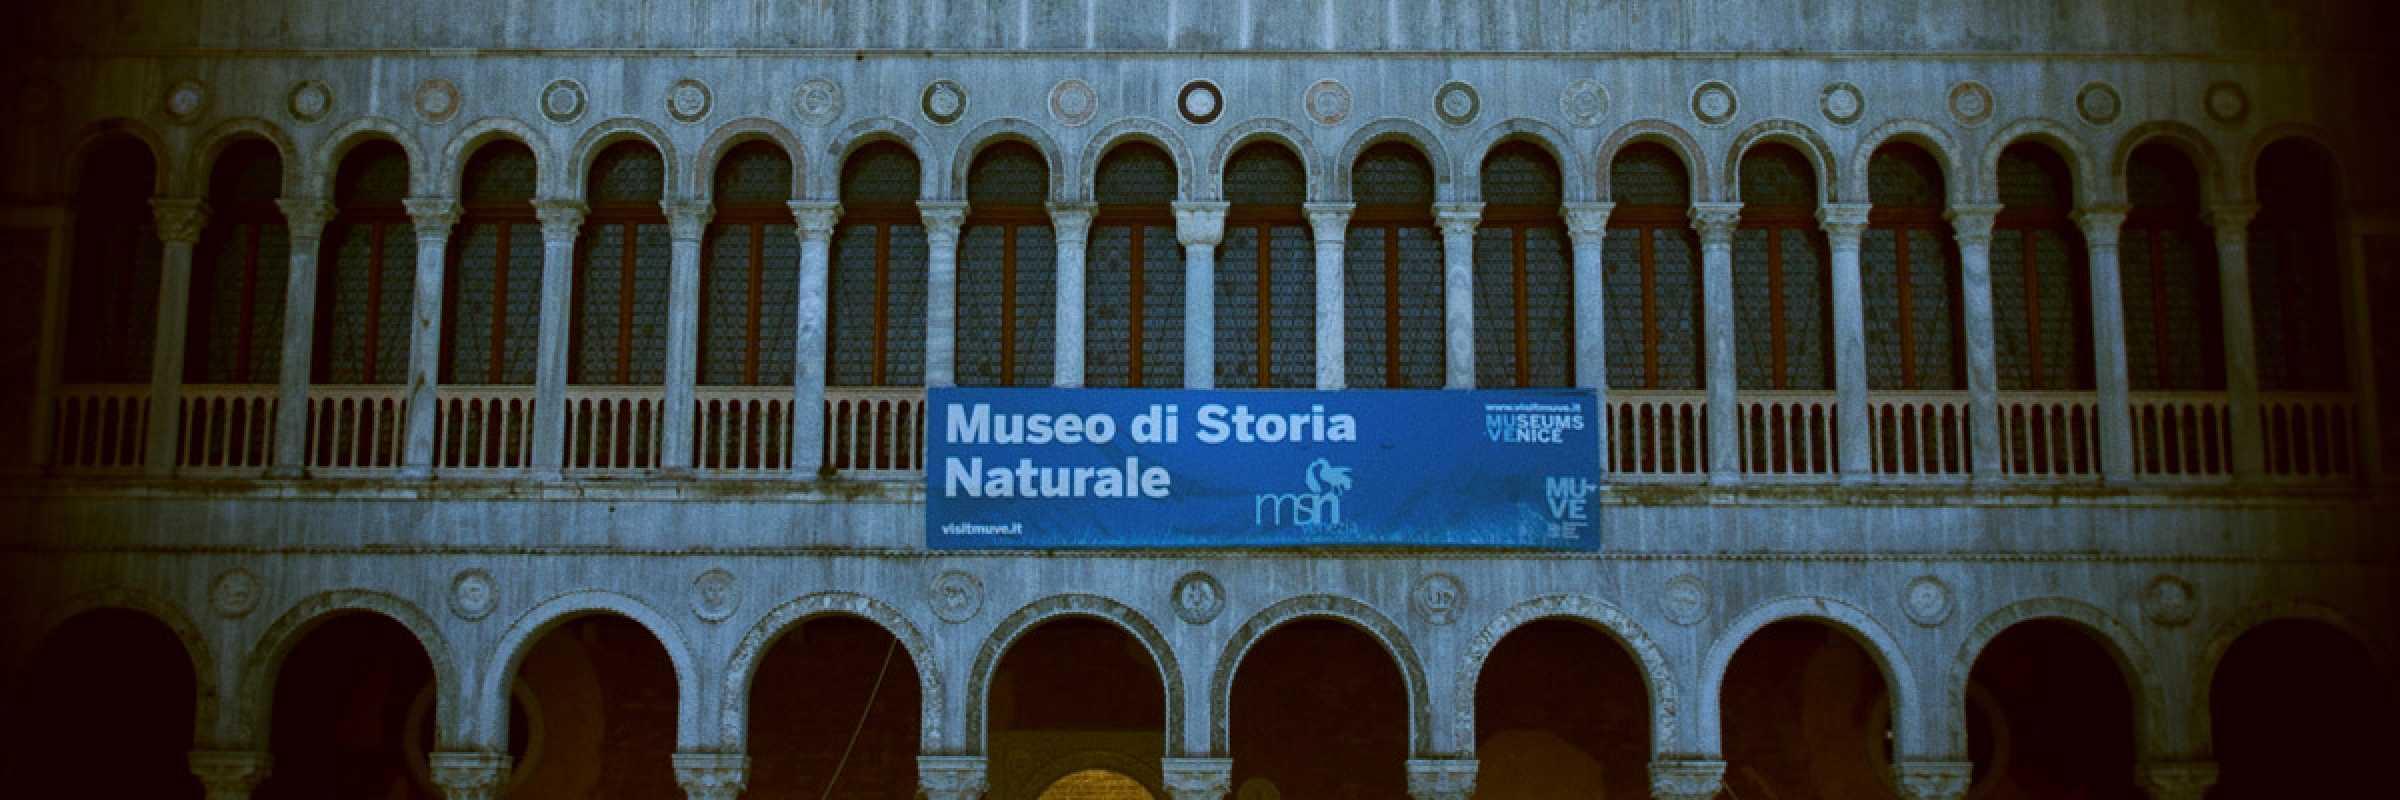 La facciata del Fontego dei Tedeschi, la sede del Museo di Storia Naturale.